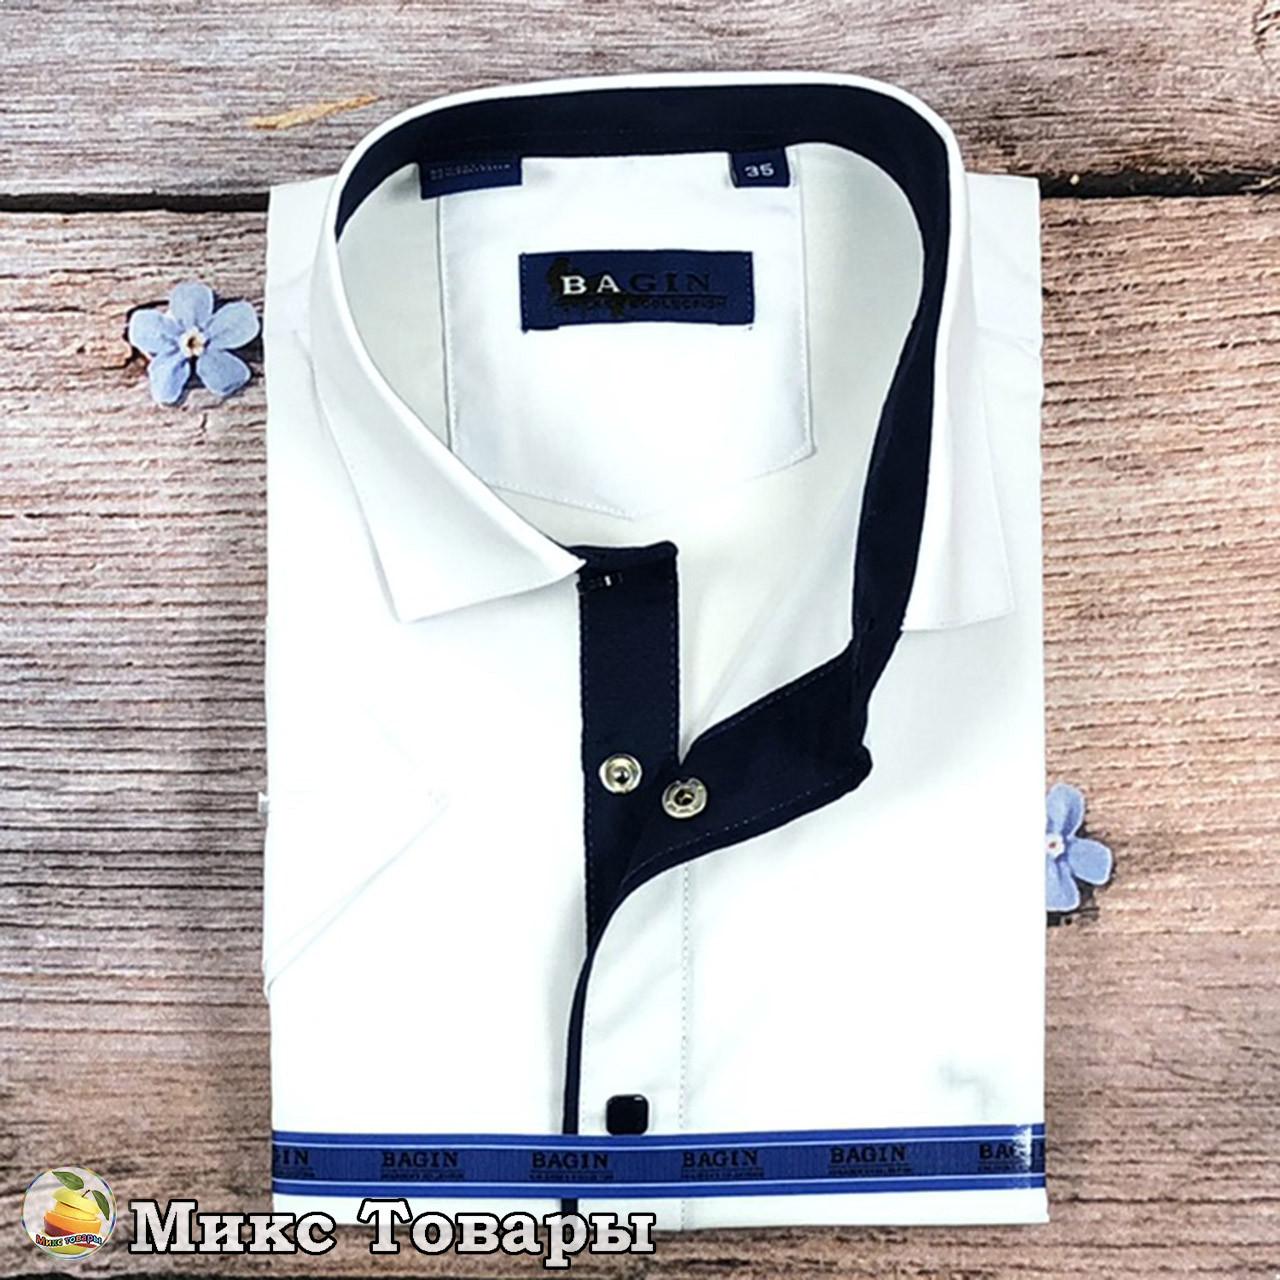 Рубашка на кнопках с коротким рукавом для мальчика Размеры: от 28 по 36 ворот (8349)